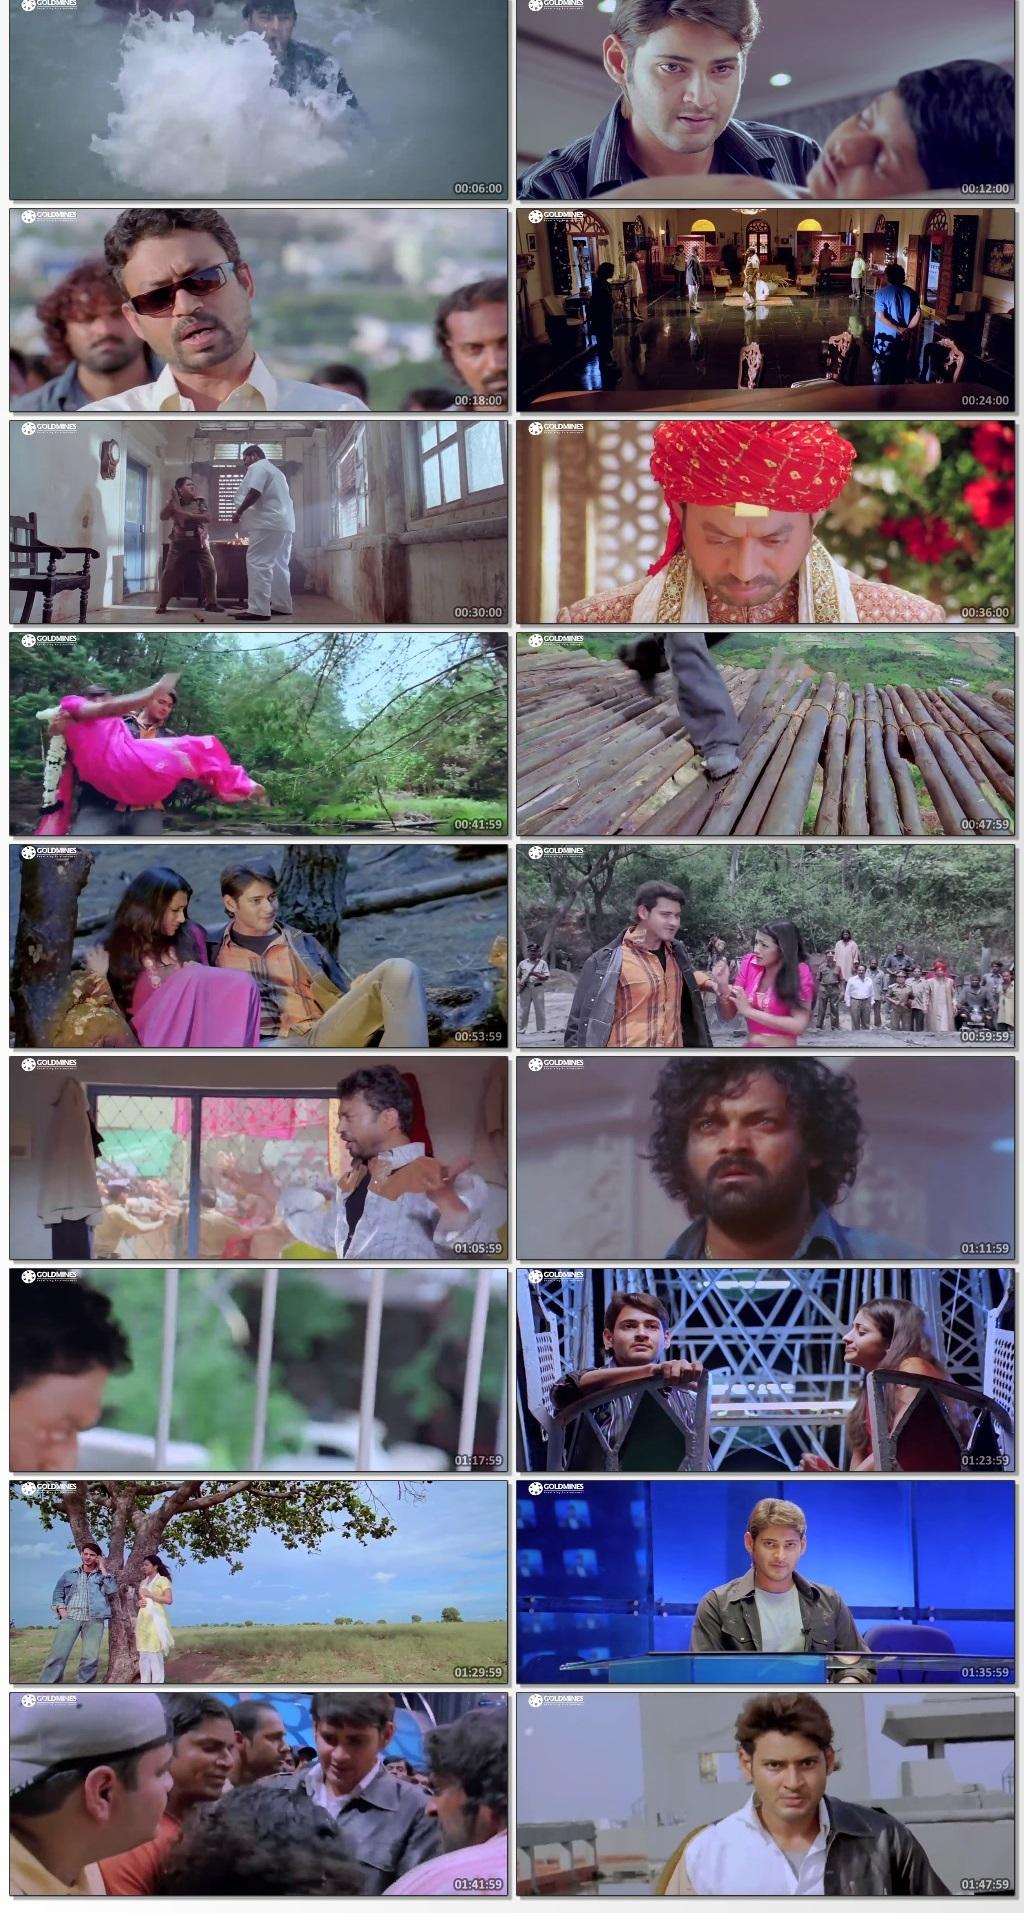 Ab-Humse-Na-Takkrana-Sainikudu-2019-Hindi-Dubbed-www-7-Star-HD-Quest-720p-HDRip-900-MB-1-mkv-thumbs